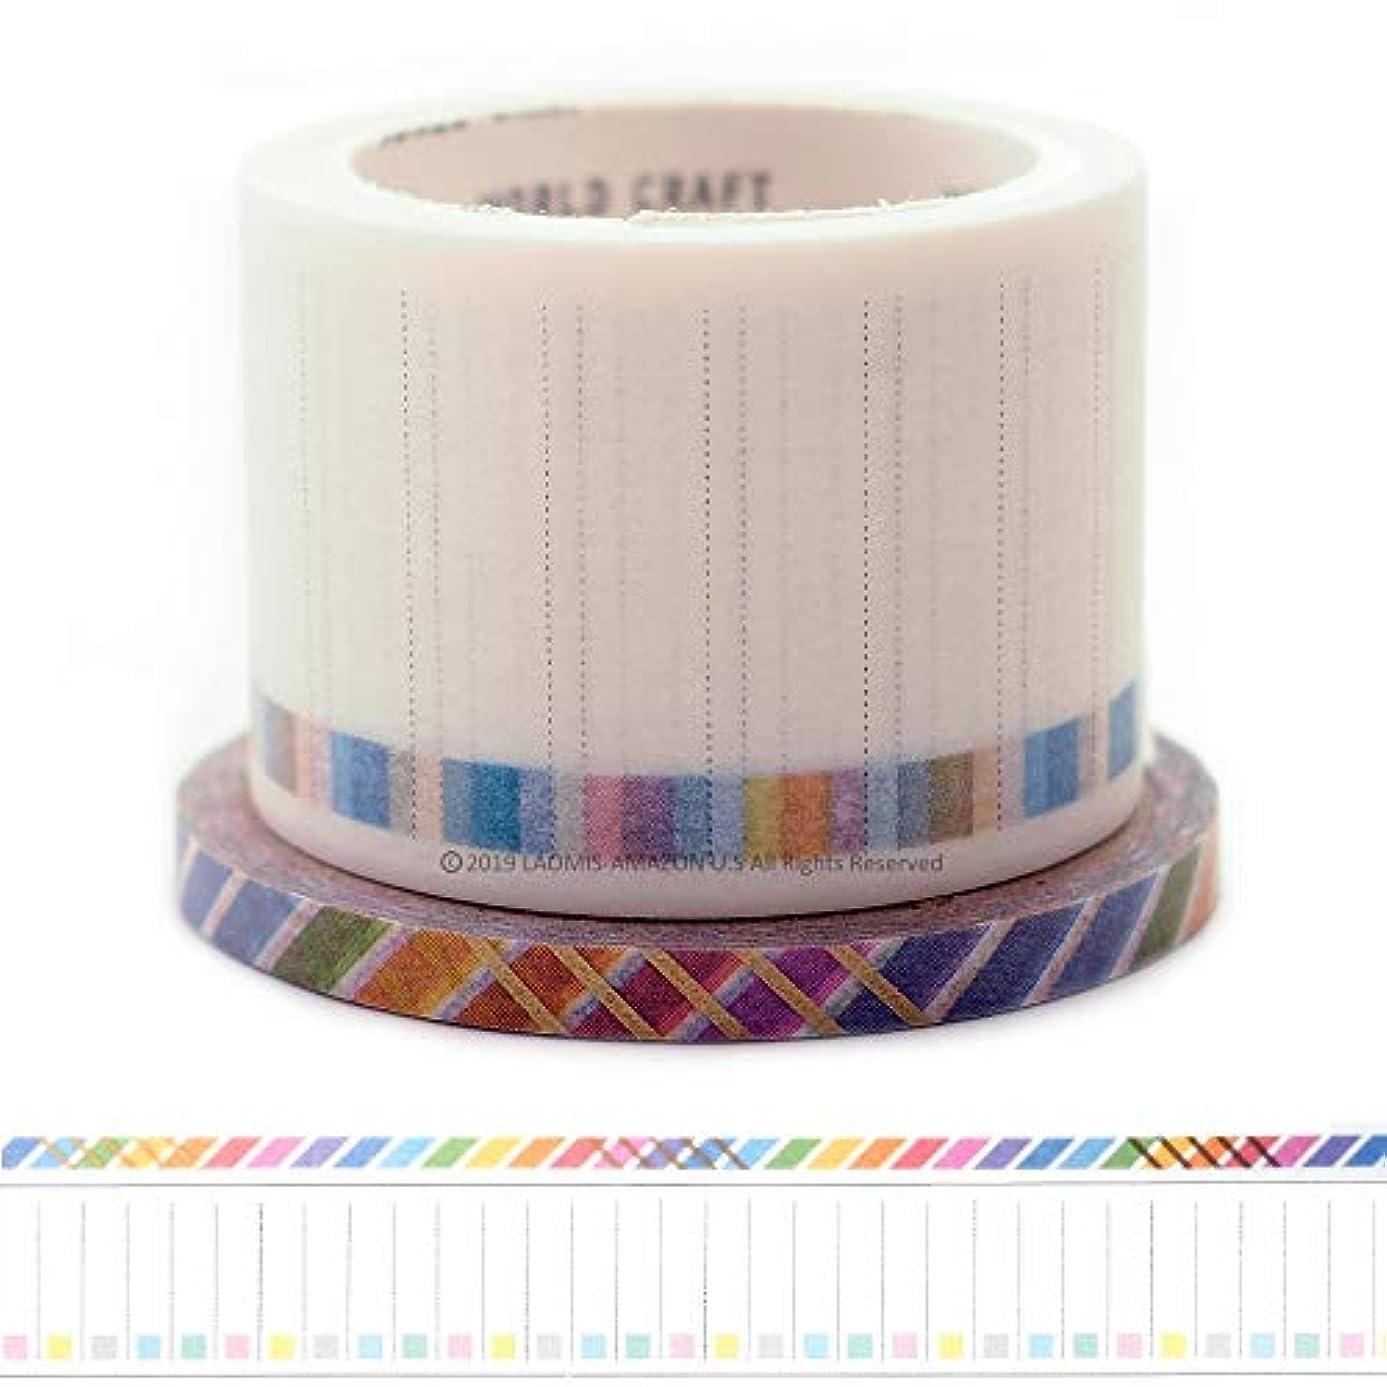 World Craft Japanese Washi Masking Paper Tape Set of 2 (Check List + Slash)